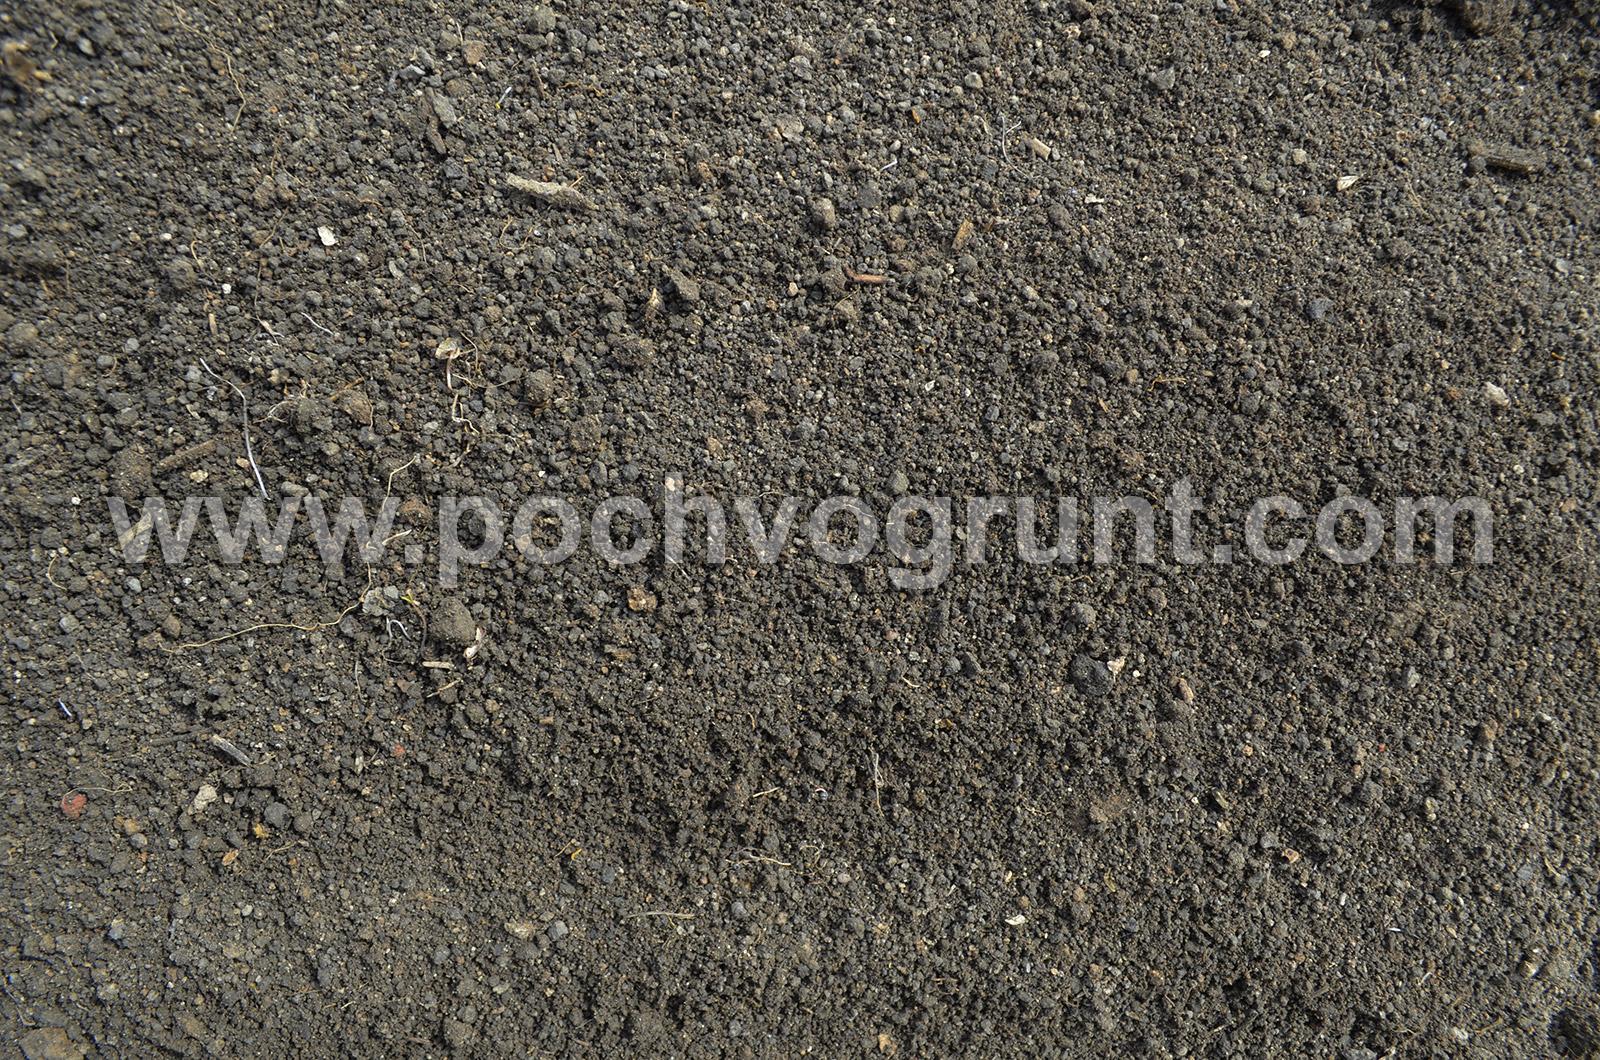 Доставка плодородного грунта в Чехове и Чеховском районе